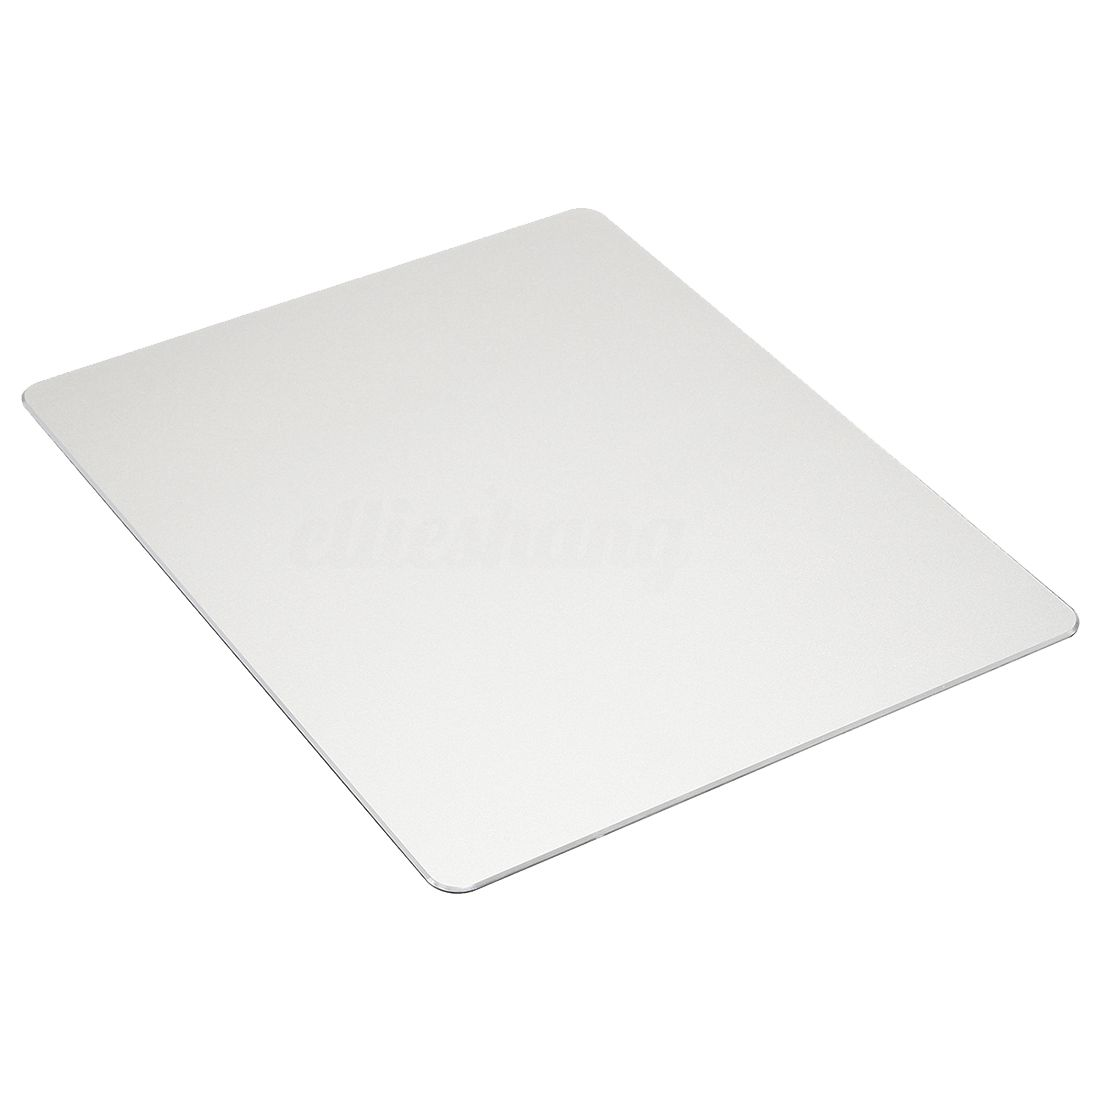 Алюминий сплава площадку Мышь коврик игровой коврик Мышь Мыши для ноутбуков настольных ПК